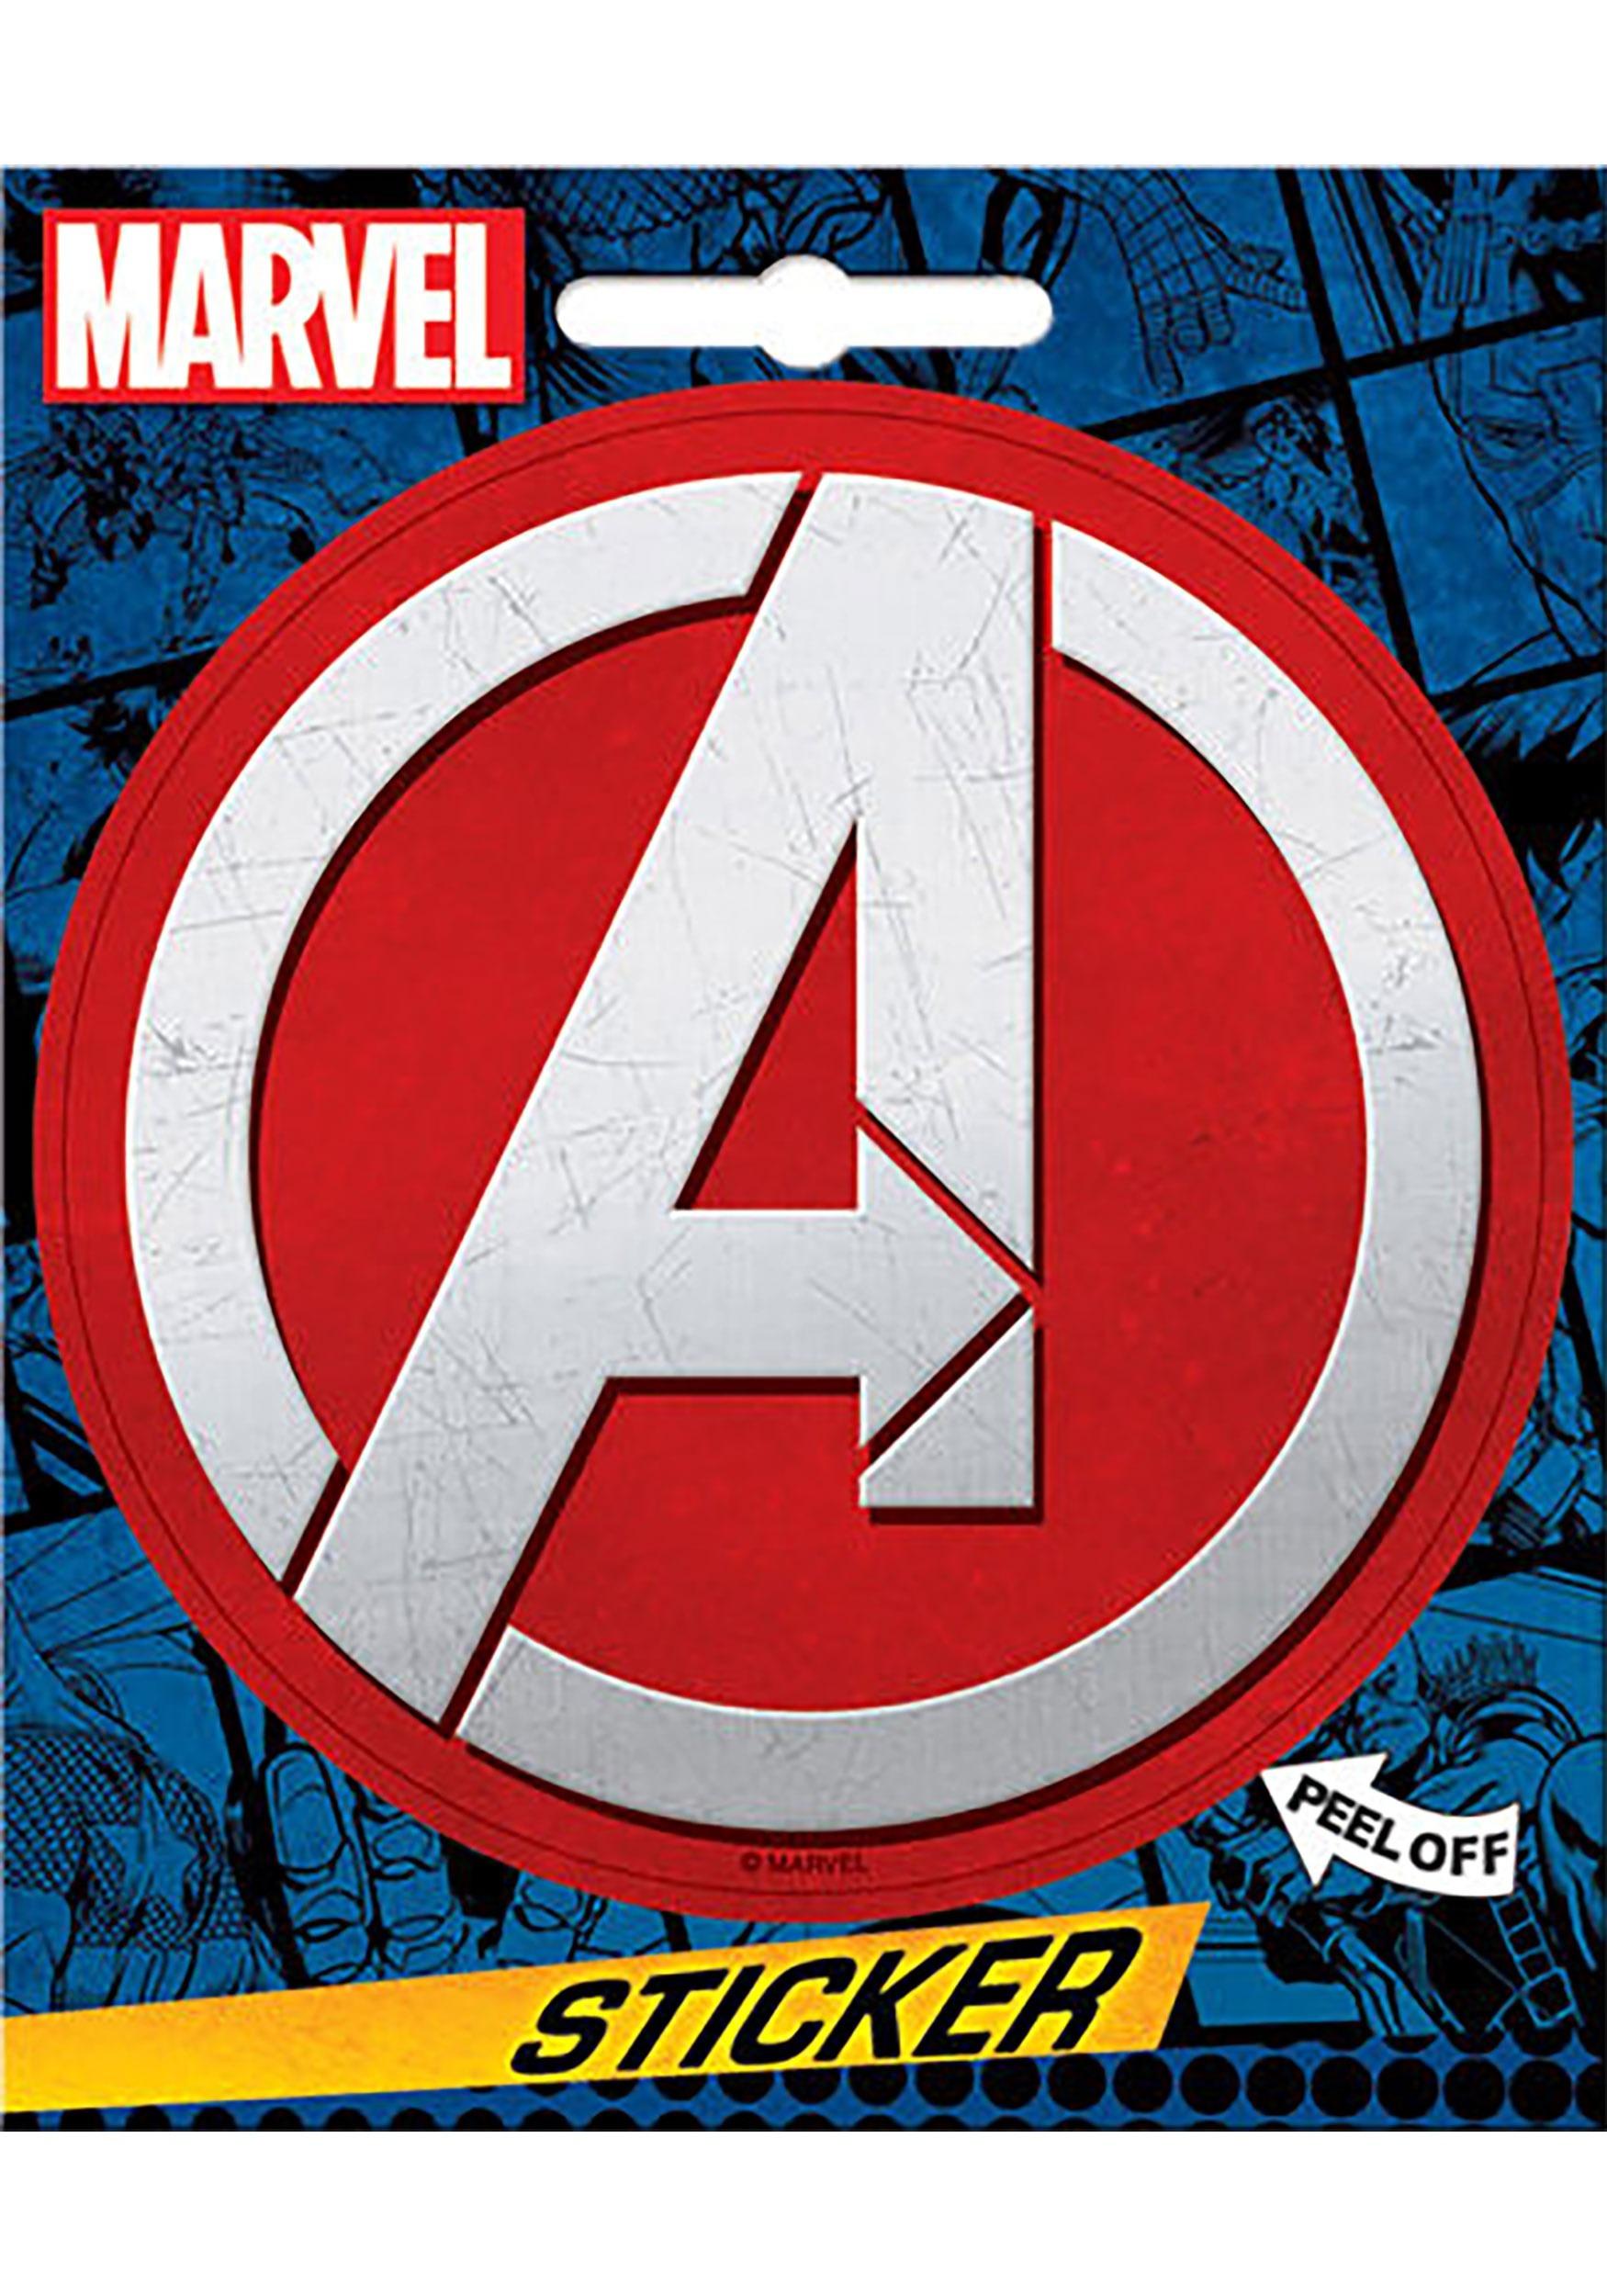 Marvel_Avengers_Sticker